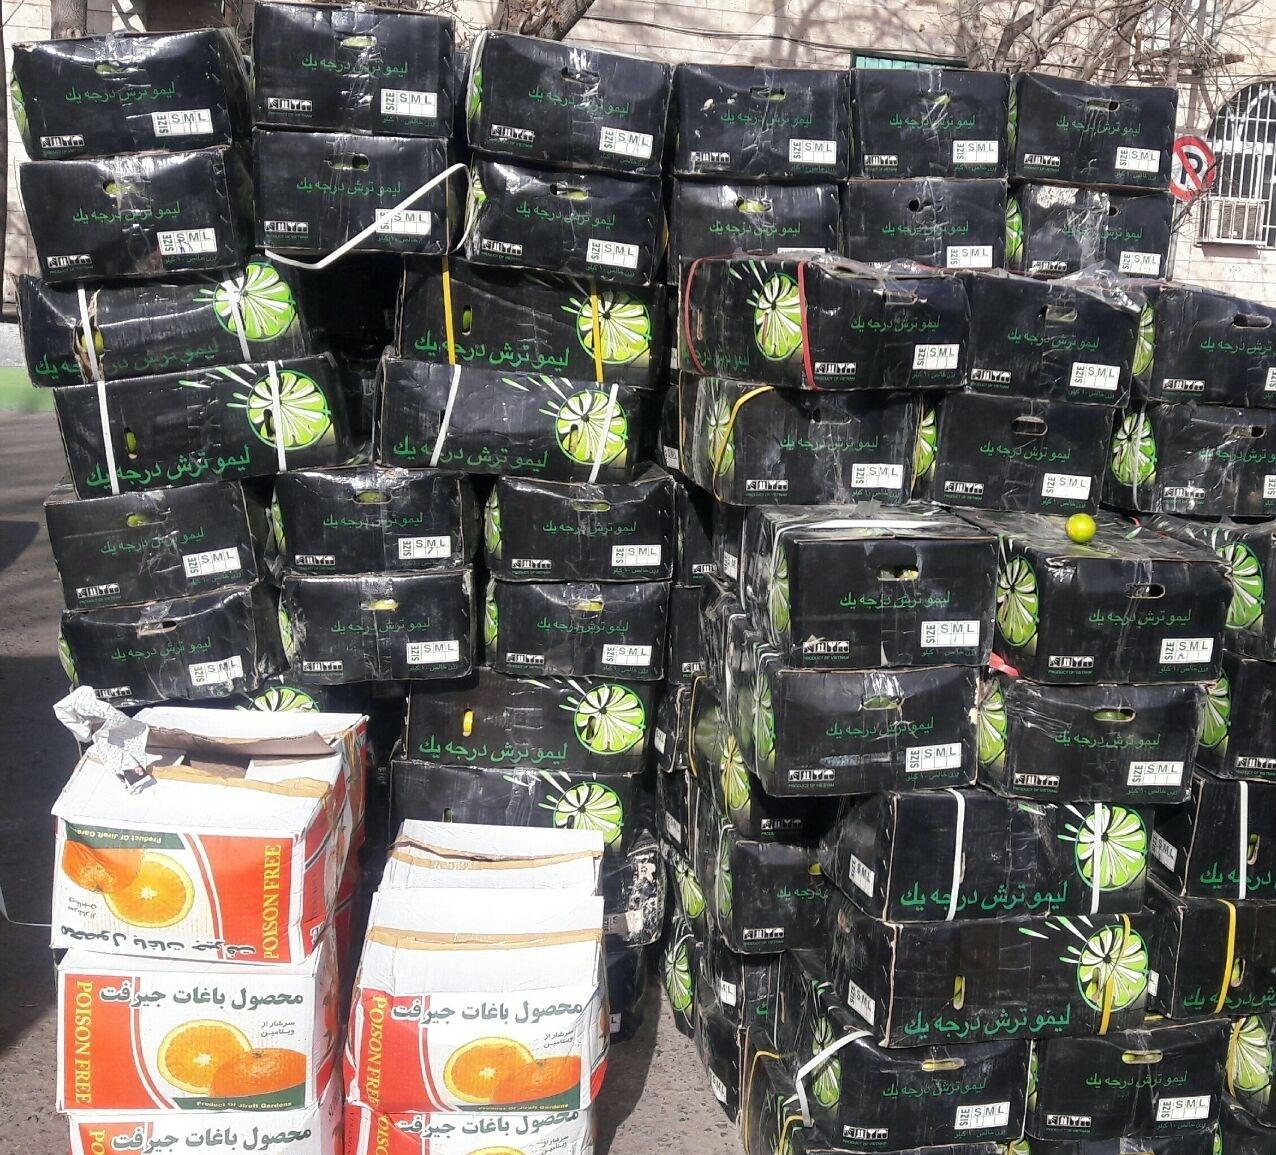 کشف ۱.۵ تن لیموترش قاچاق در میدان مرکزی میوه تهران (+عکس)